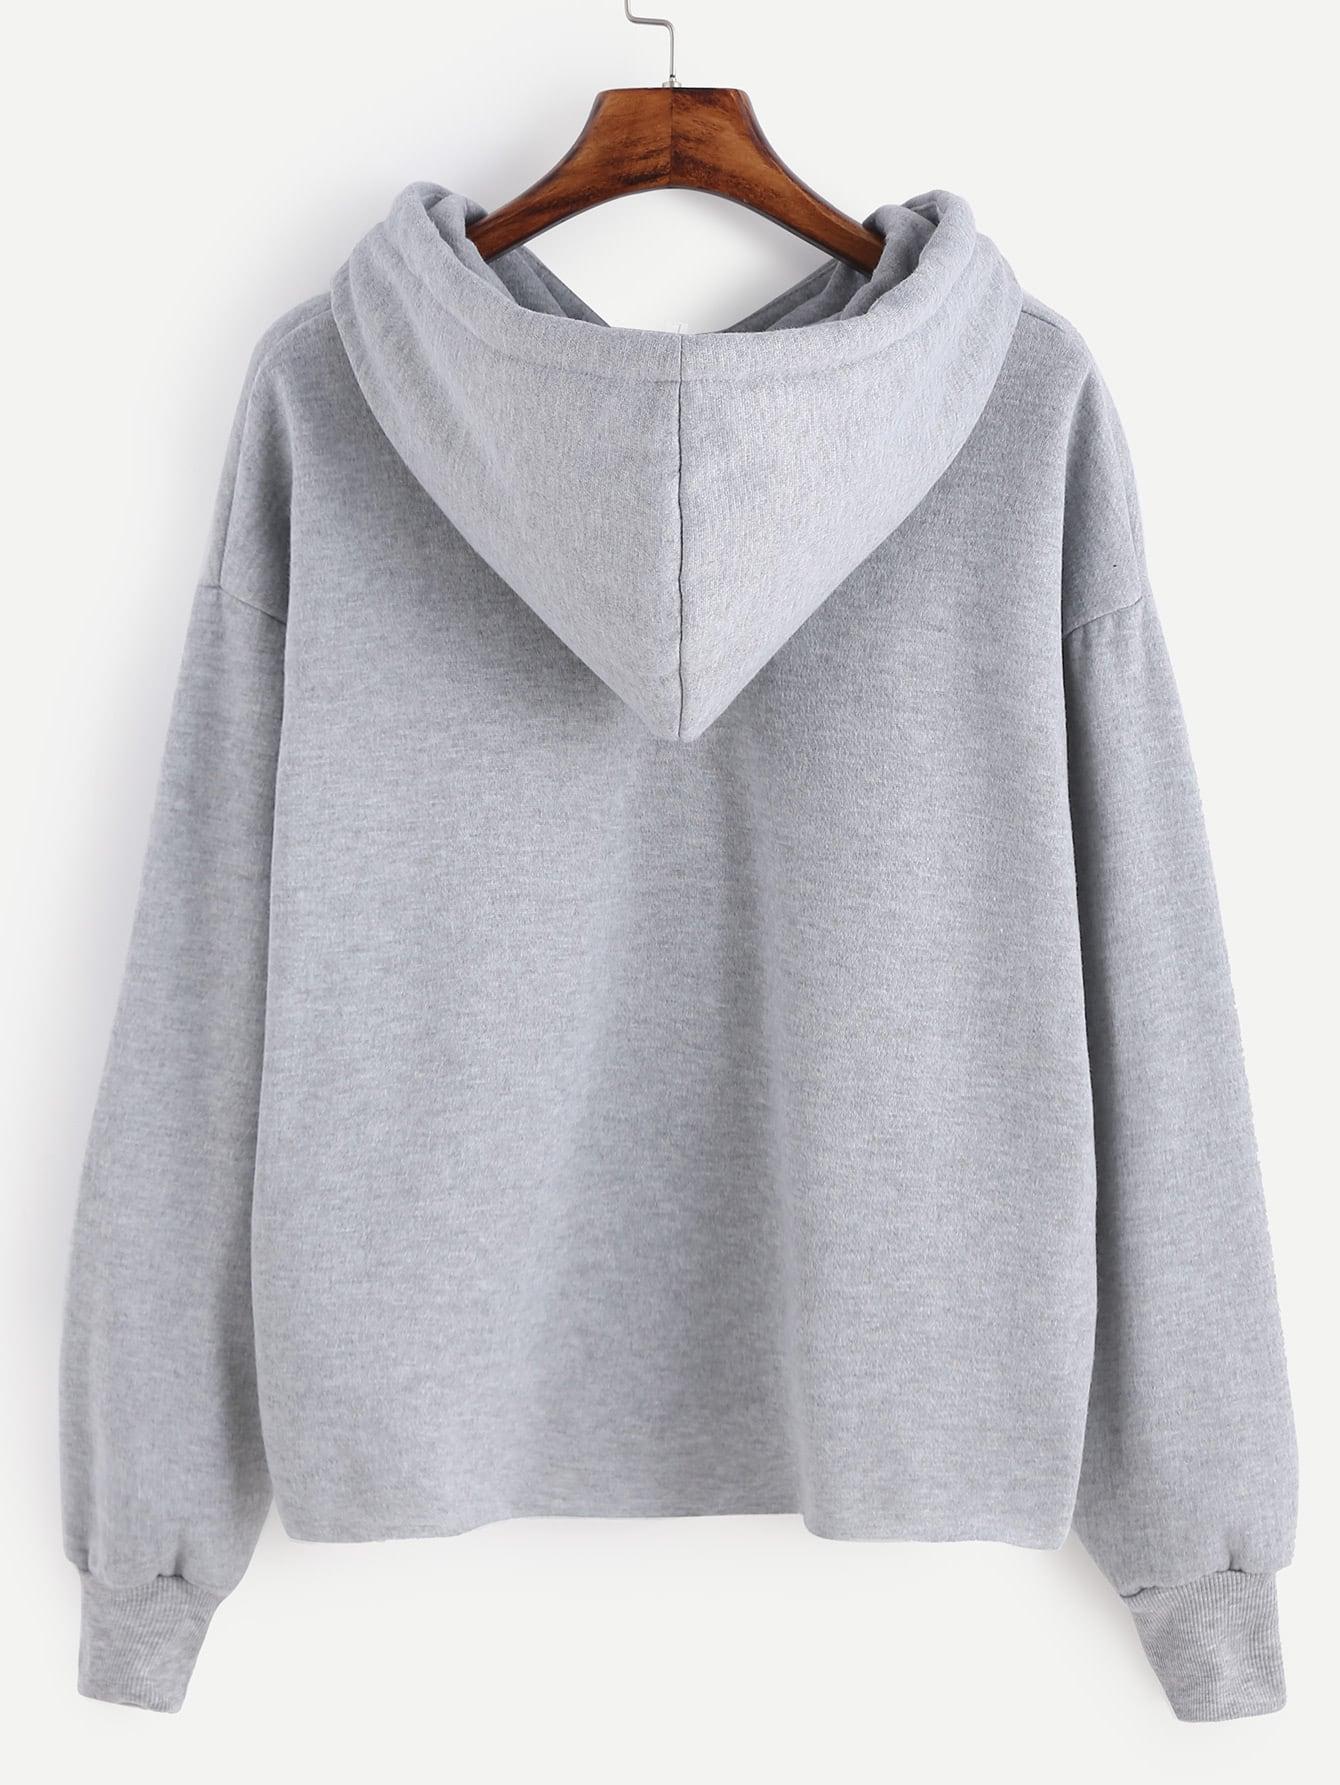 sweatshirt161021105_2